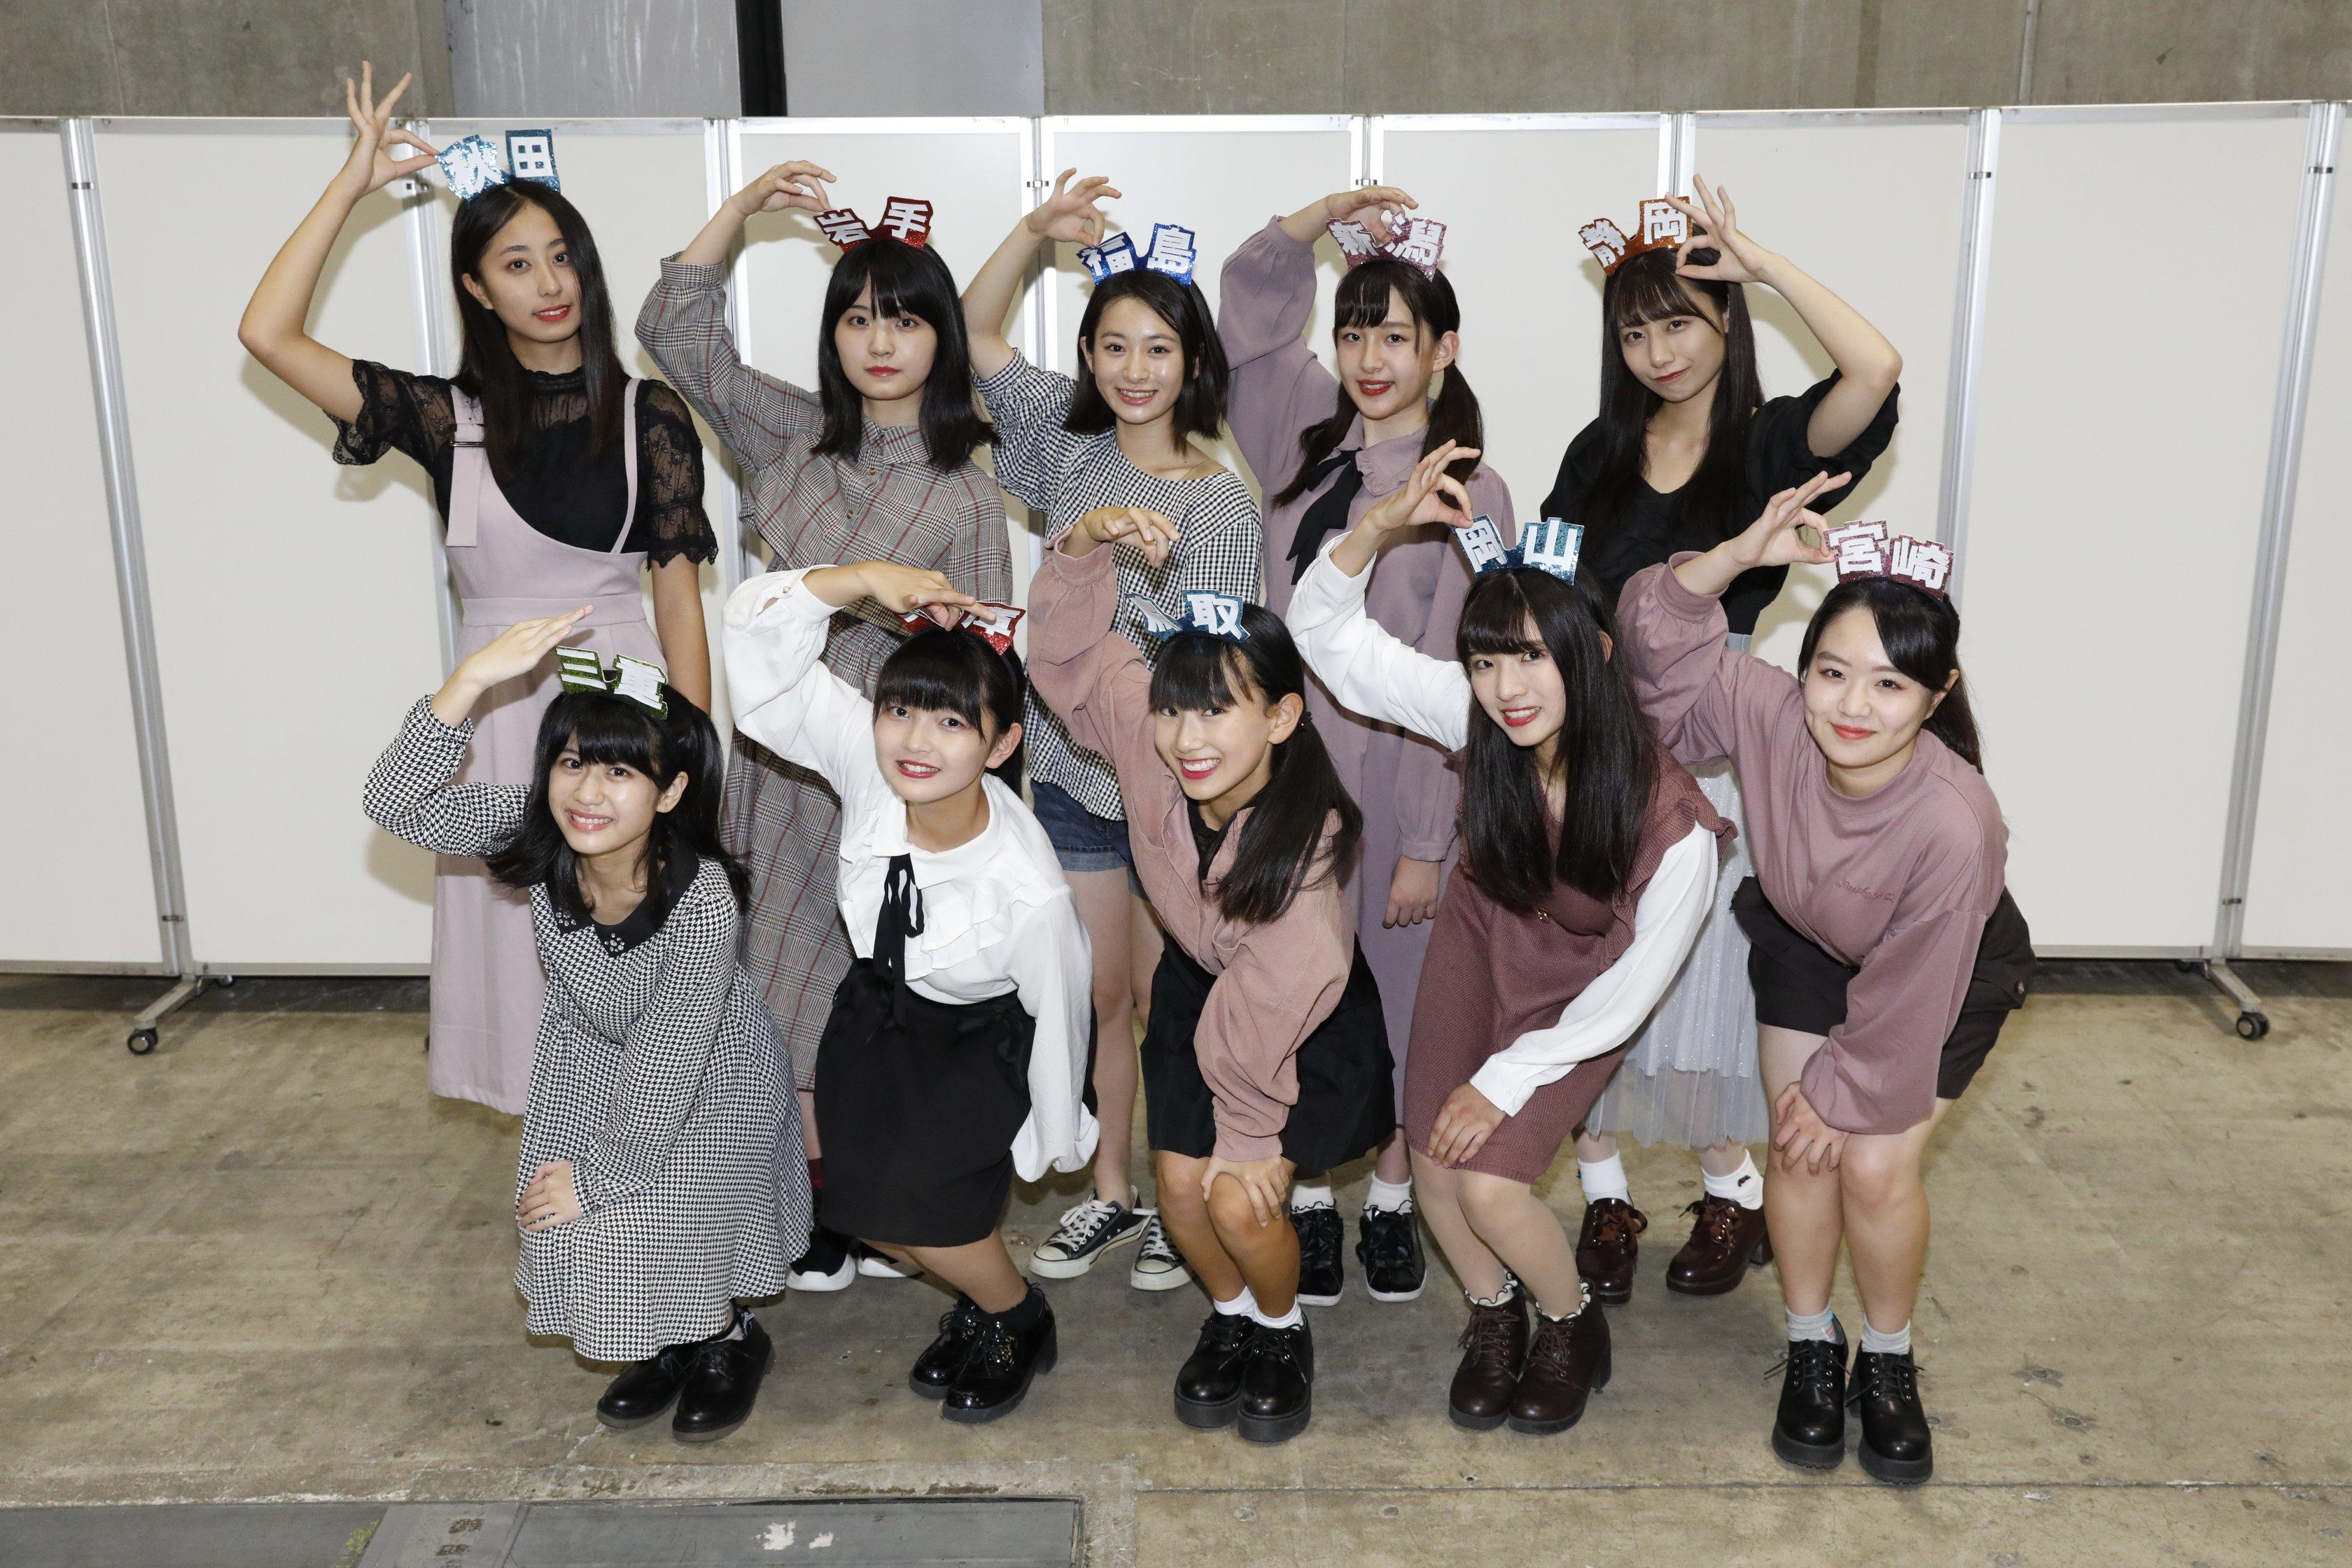 柏木由紀「お母さんと思ってほしい」AKB48チーム8新メンバー10名が握手会に初参加!【写真8枚】の画像006